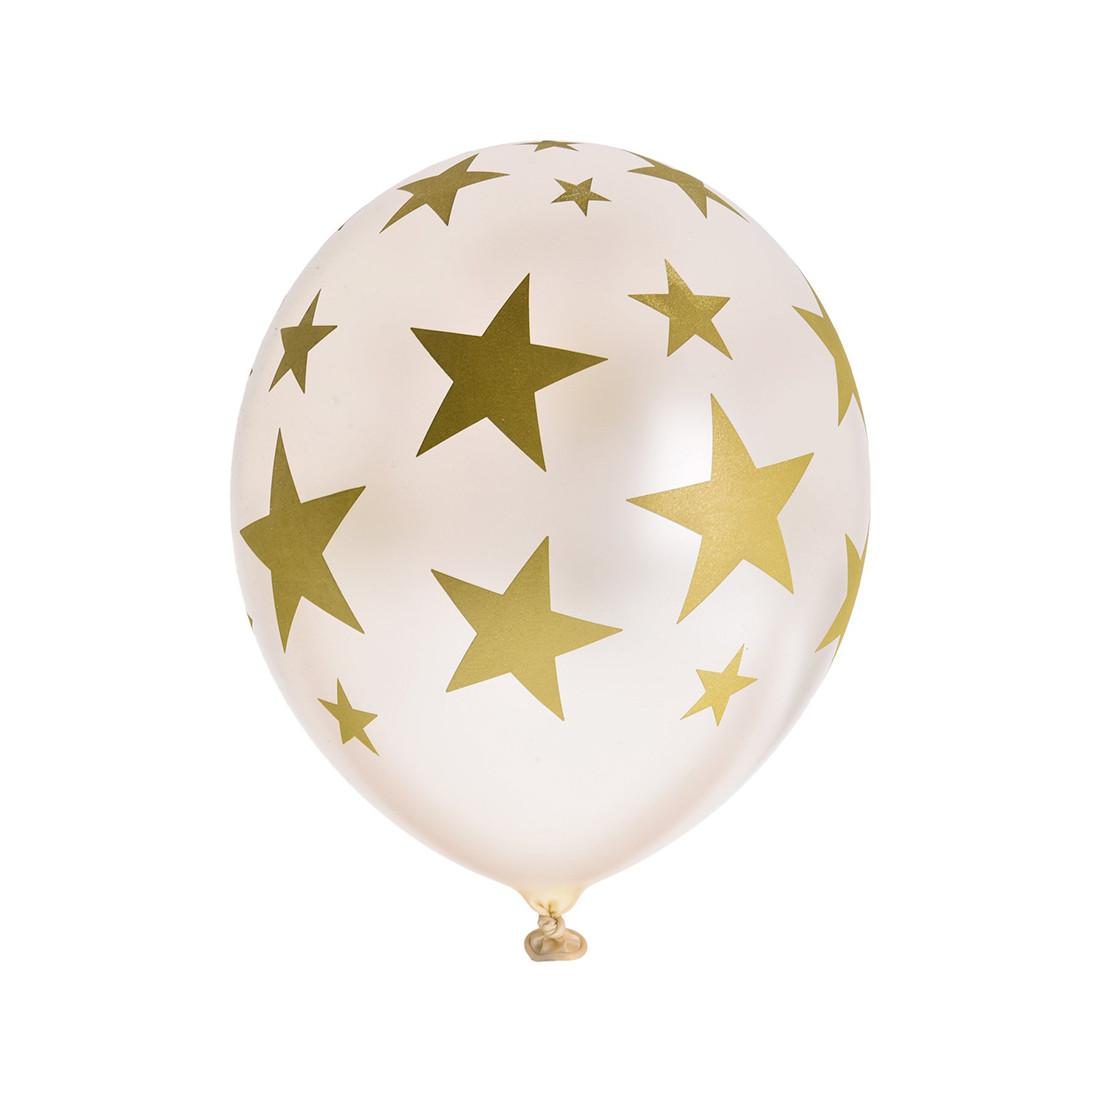 Воздушные шарики 1111-0947 (5 шт. в пакете) - фото 1